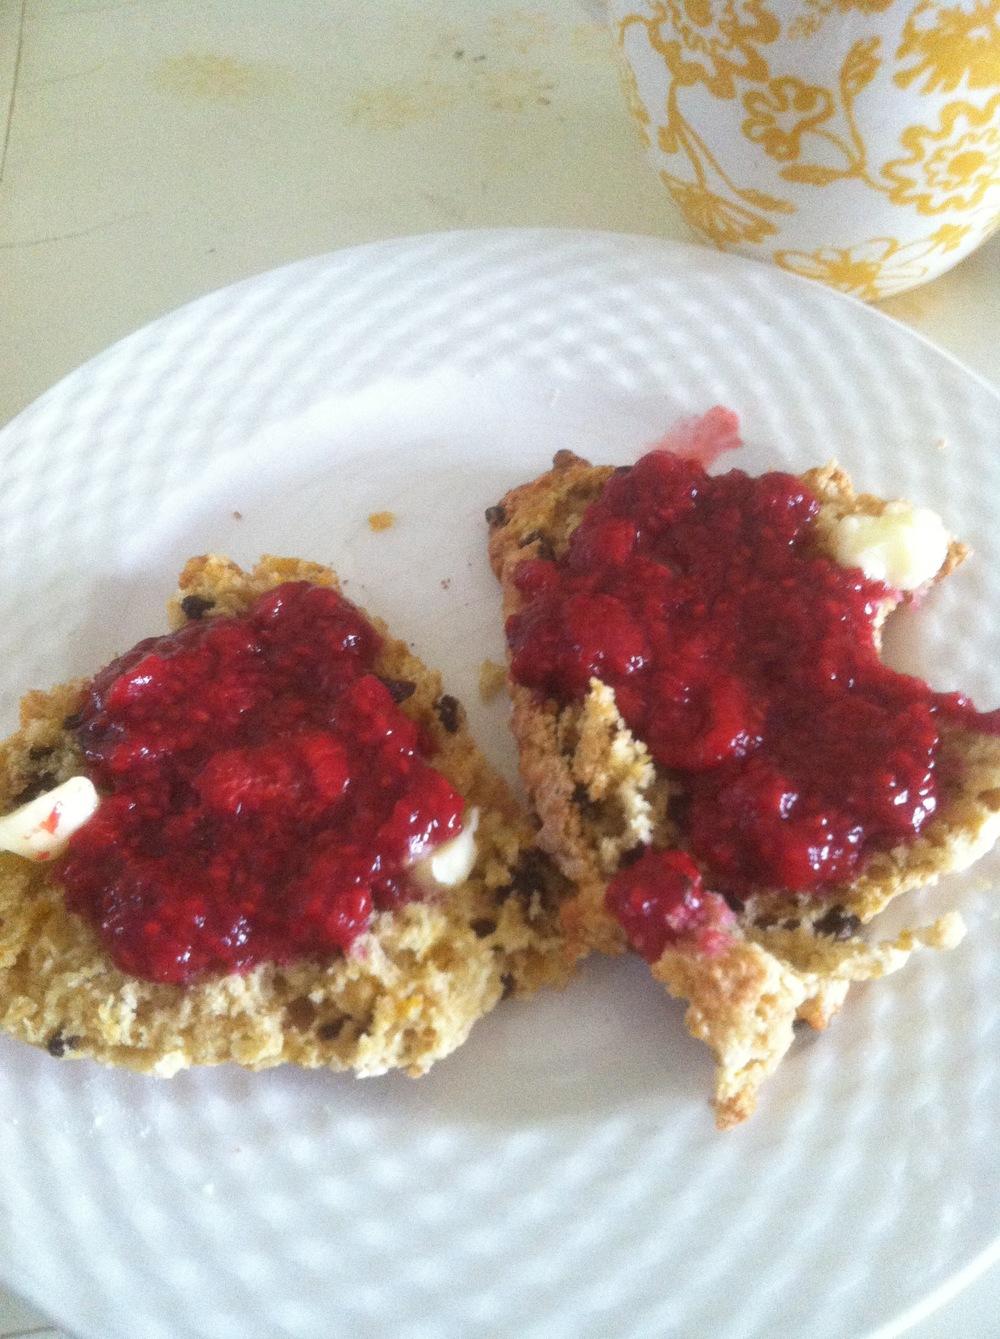 Orange-currant scones with warm raspberry jam